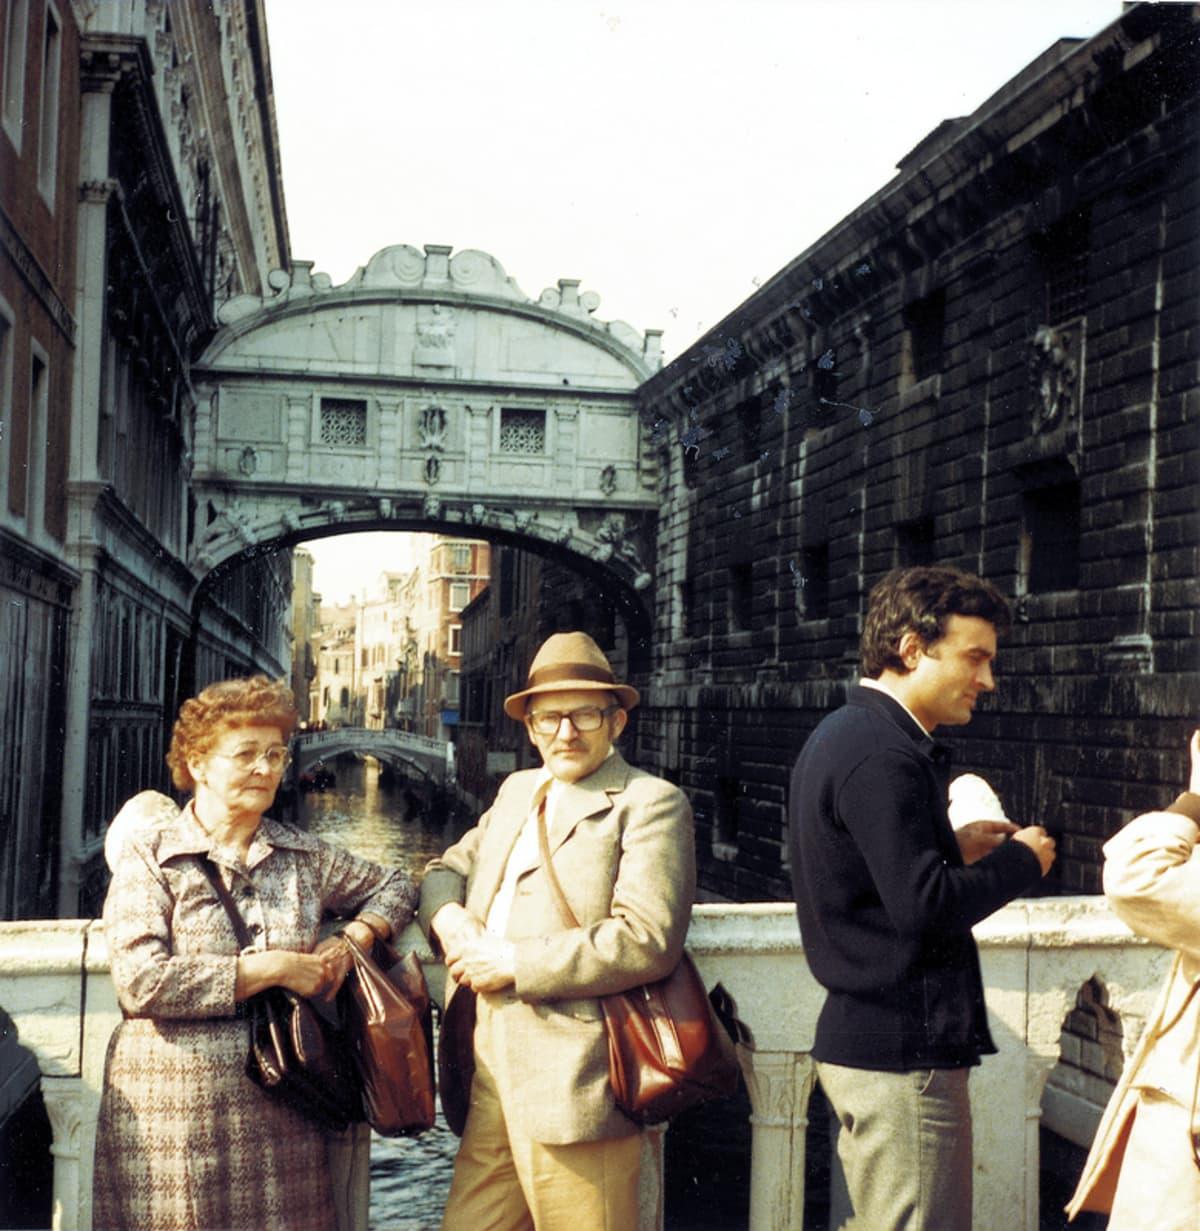 Eläkepäivillään Hannes ja Toini matkustelivat ympäri Eurooppaa ja tekivät pitkän reissun myös Kanadaan. Vuonna 1979 he poseerasivat Venetsiassa Huokausten sillalla.